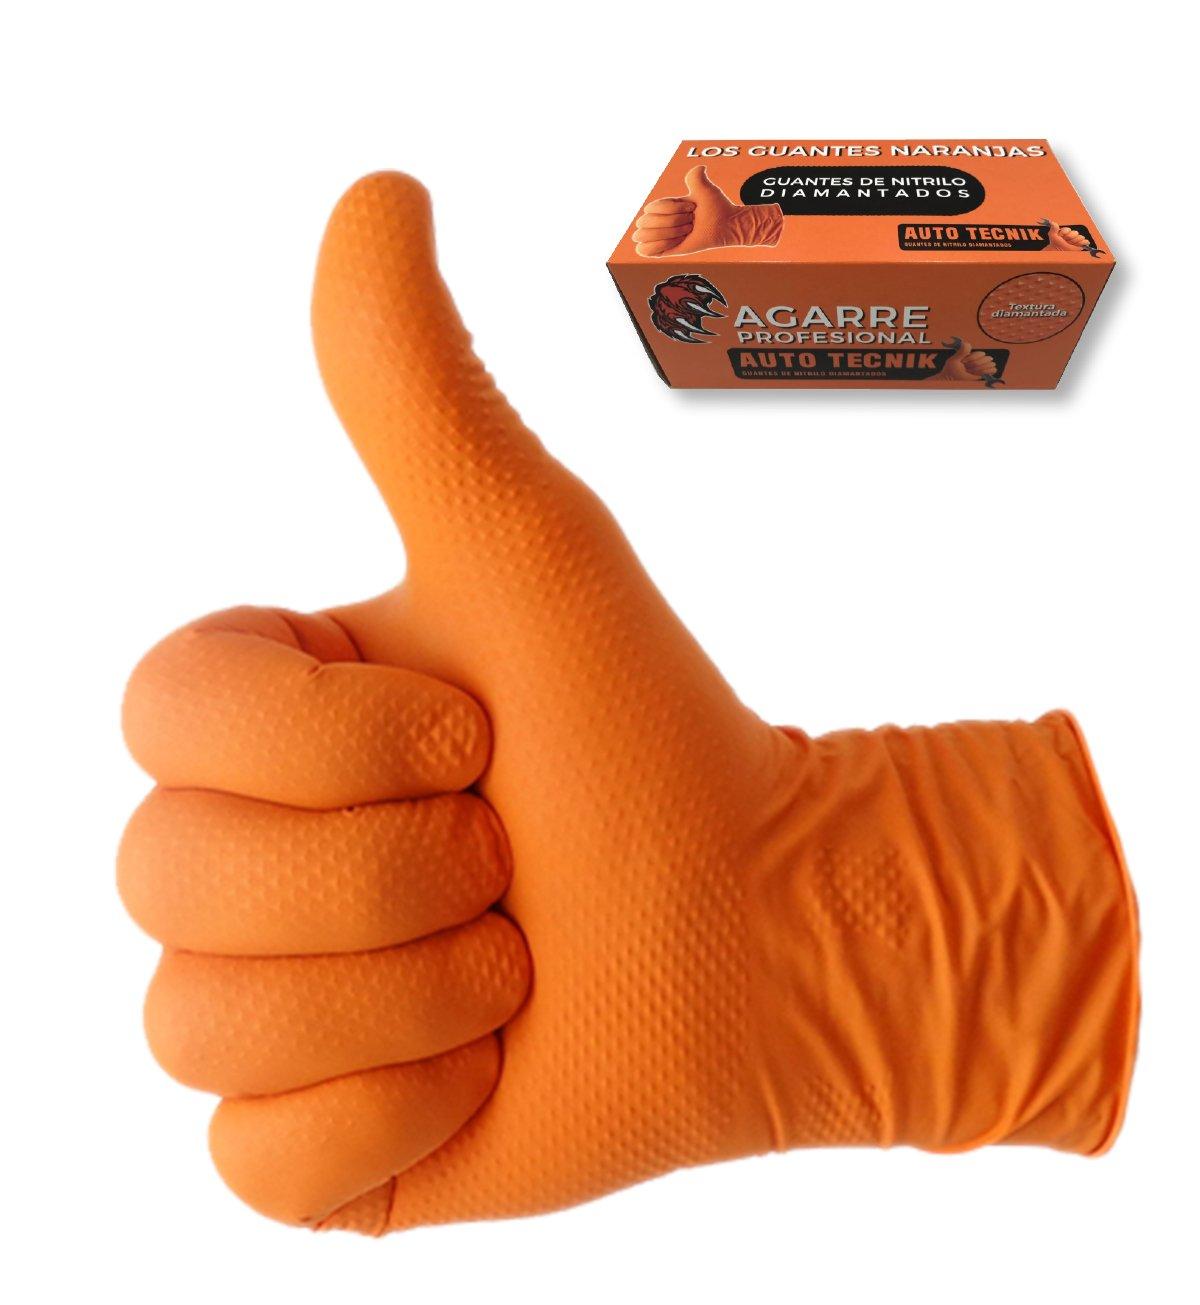 GUANTES de NITRILO DIAMANTADO naranjas - Los guantes de nitrilo MÁ S RESISTENTES del mercado - SIN LÁ TEX - REUTILIZABLES (S) AUTOTECNIK